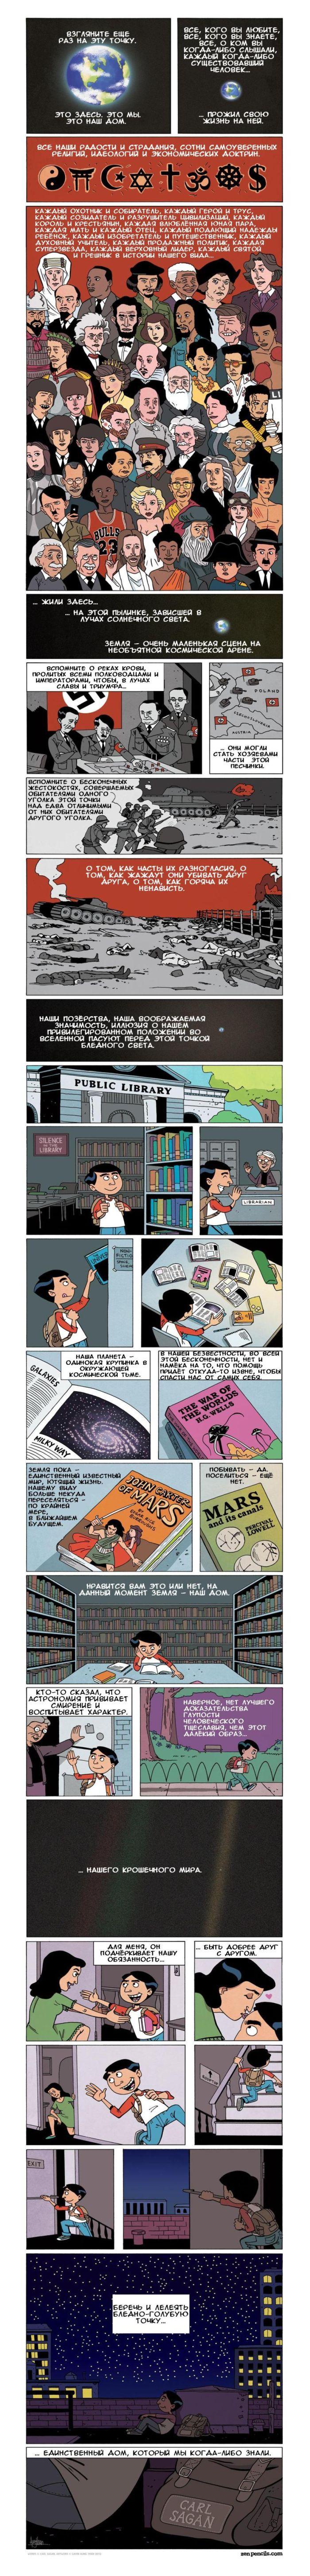 Комикс, который заставляет задуматься о жизненных ценностях (1 картинка)